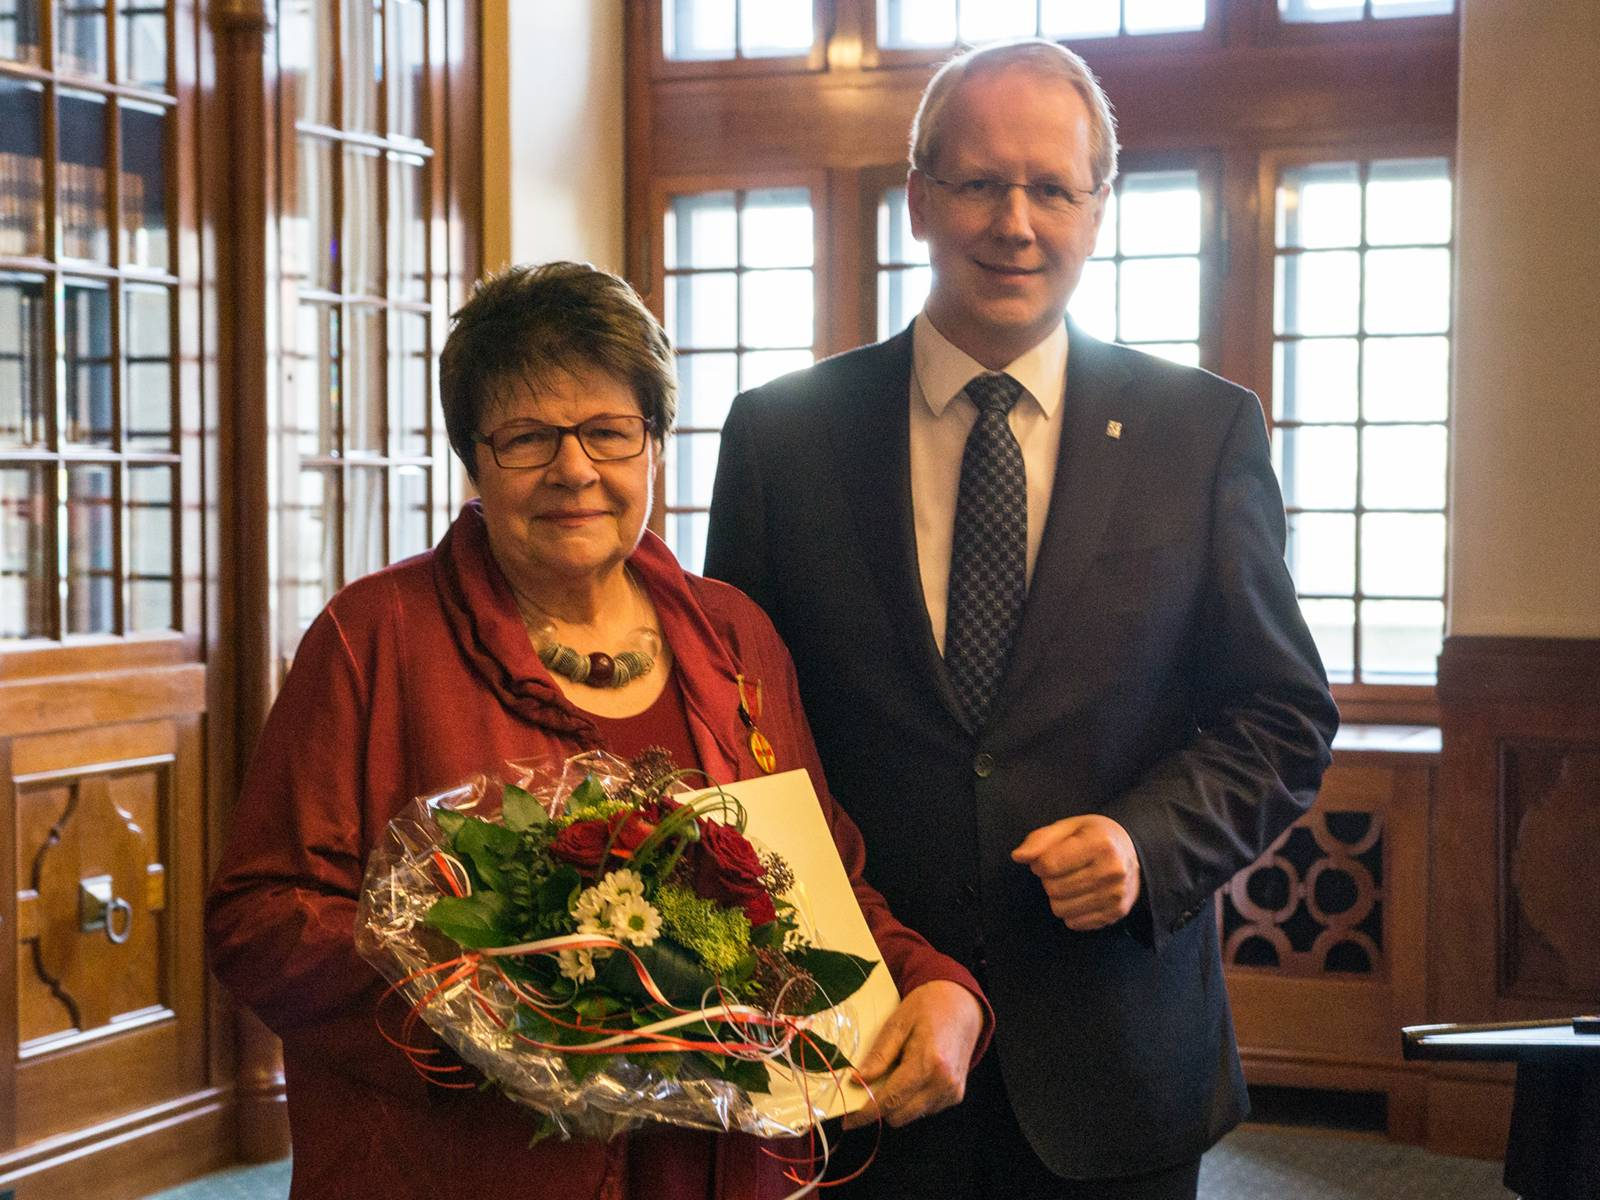 Frau und Mann mit Blumen und einer Urkunde.